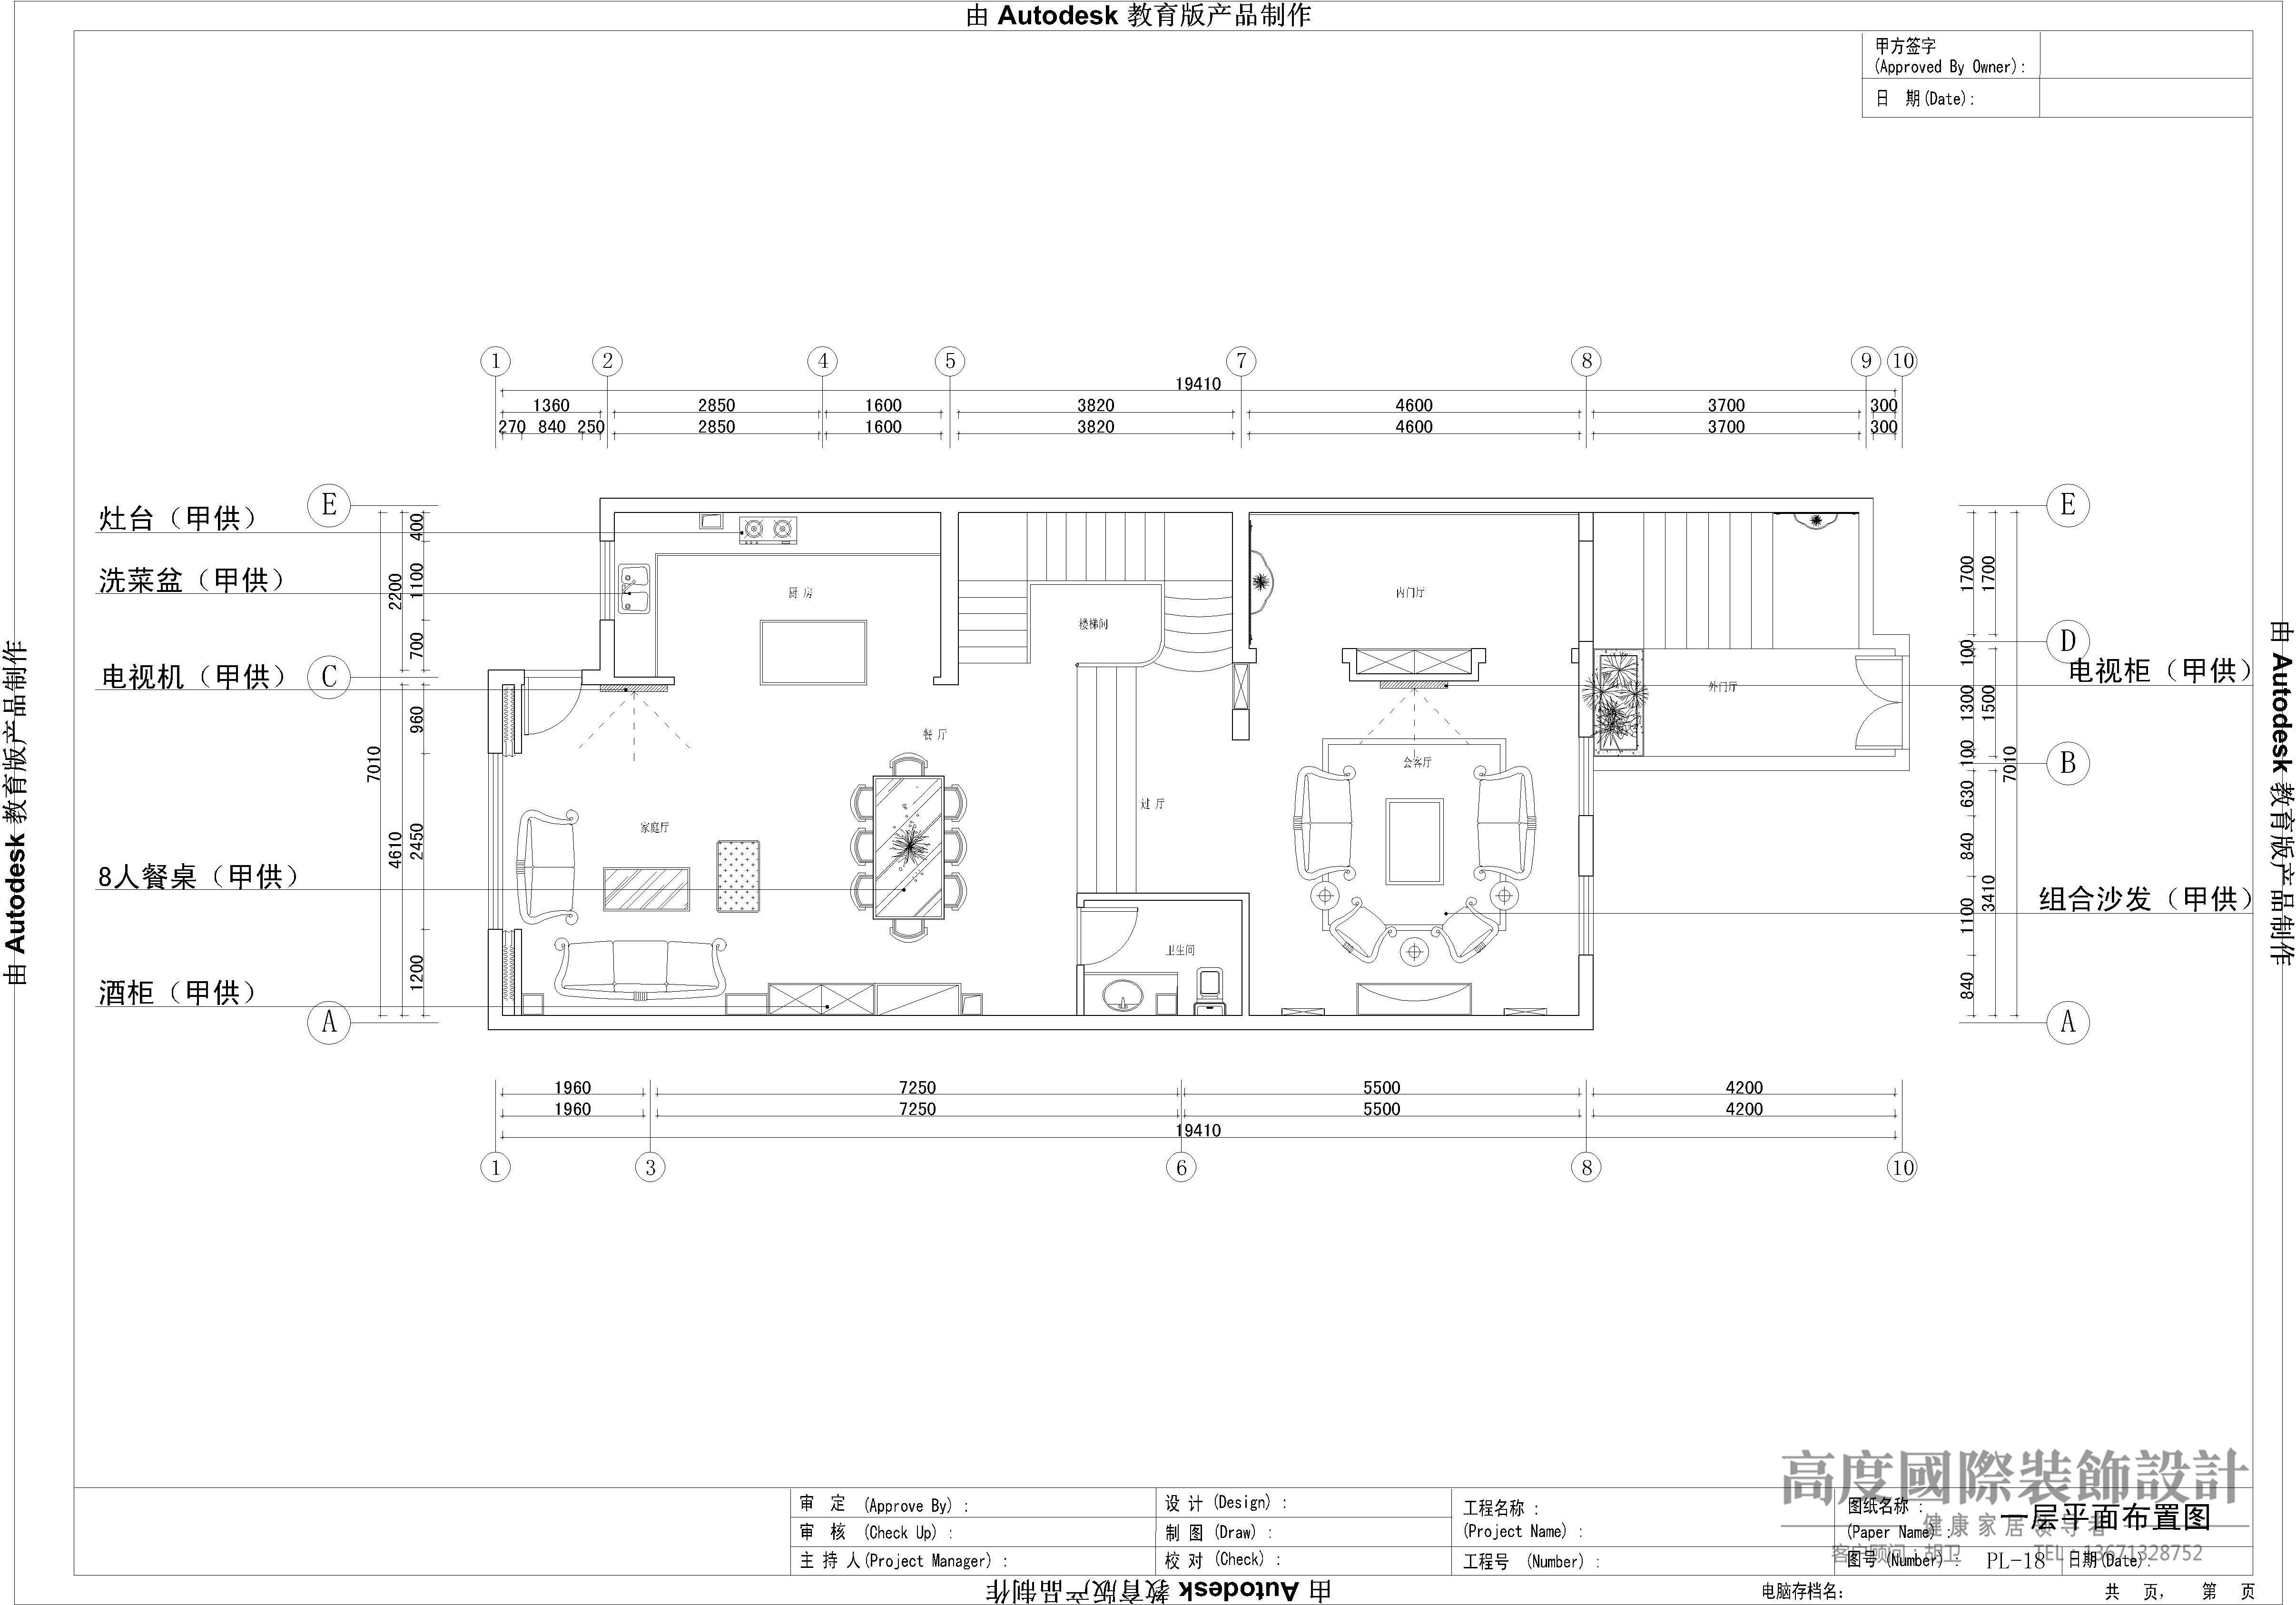 别墅 托斯卡纳 效果图 设计案例 户型图图片来自高度国际设计装饰在阿凯笛亚托斯卡纳设计案例的分享